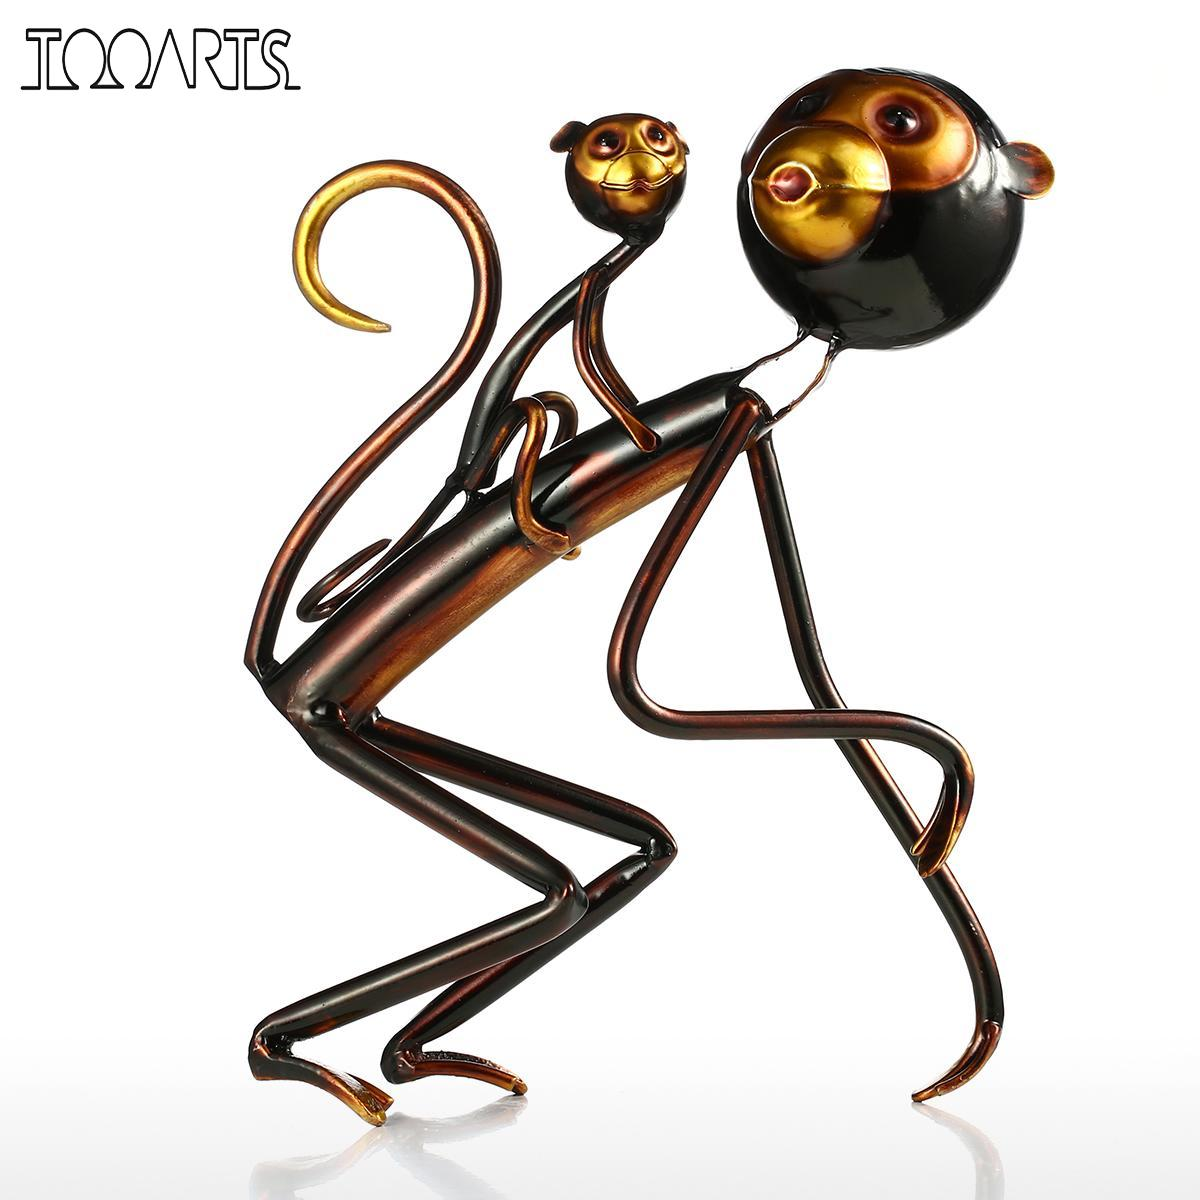 Tooarts singe carrys bébé sculpture en métal de fer